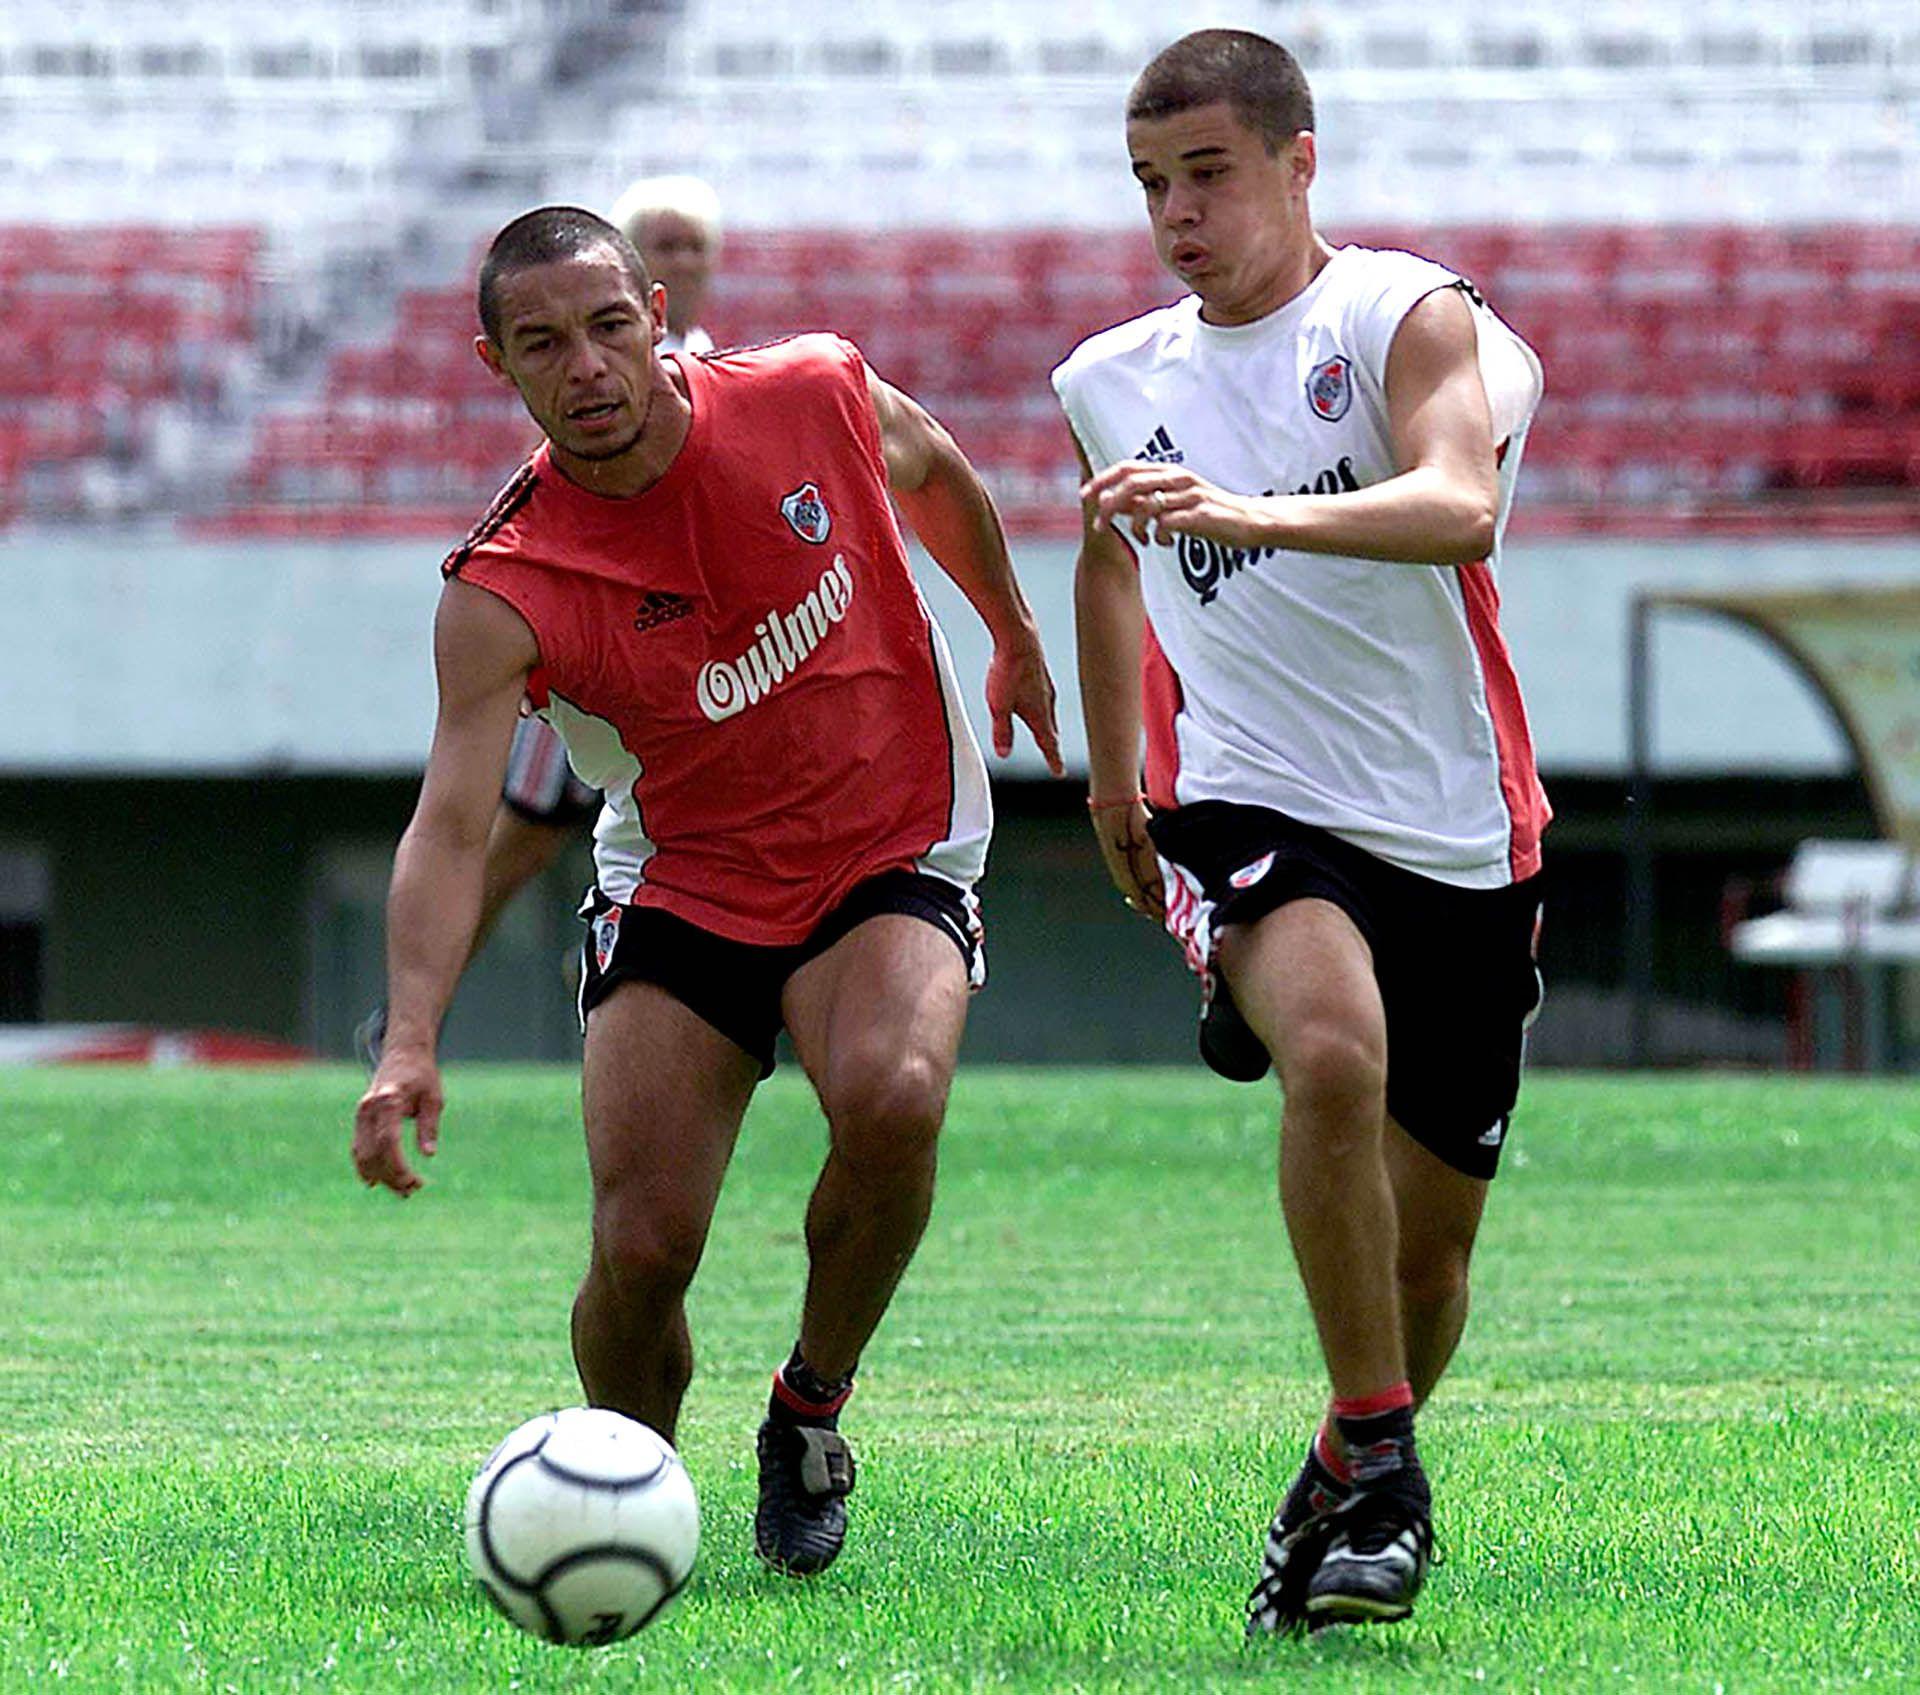 Ricardo Rojas marca a Andrés D'Alessandro en un entrenamiento del 2002 (Foto Baires)